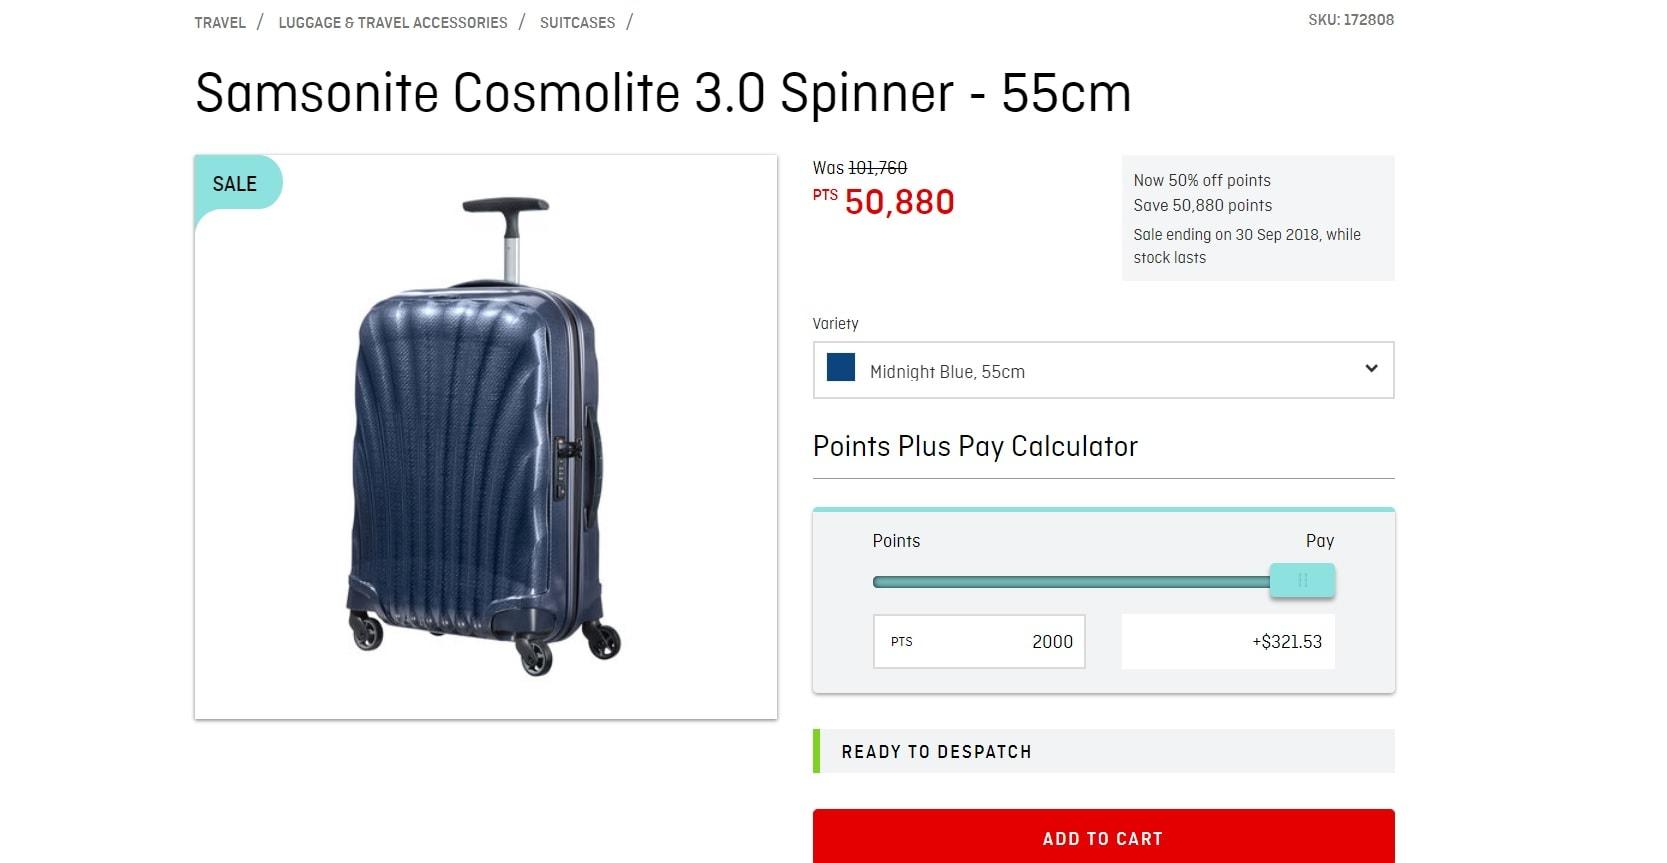 qantas store points plus pay suitcase